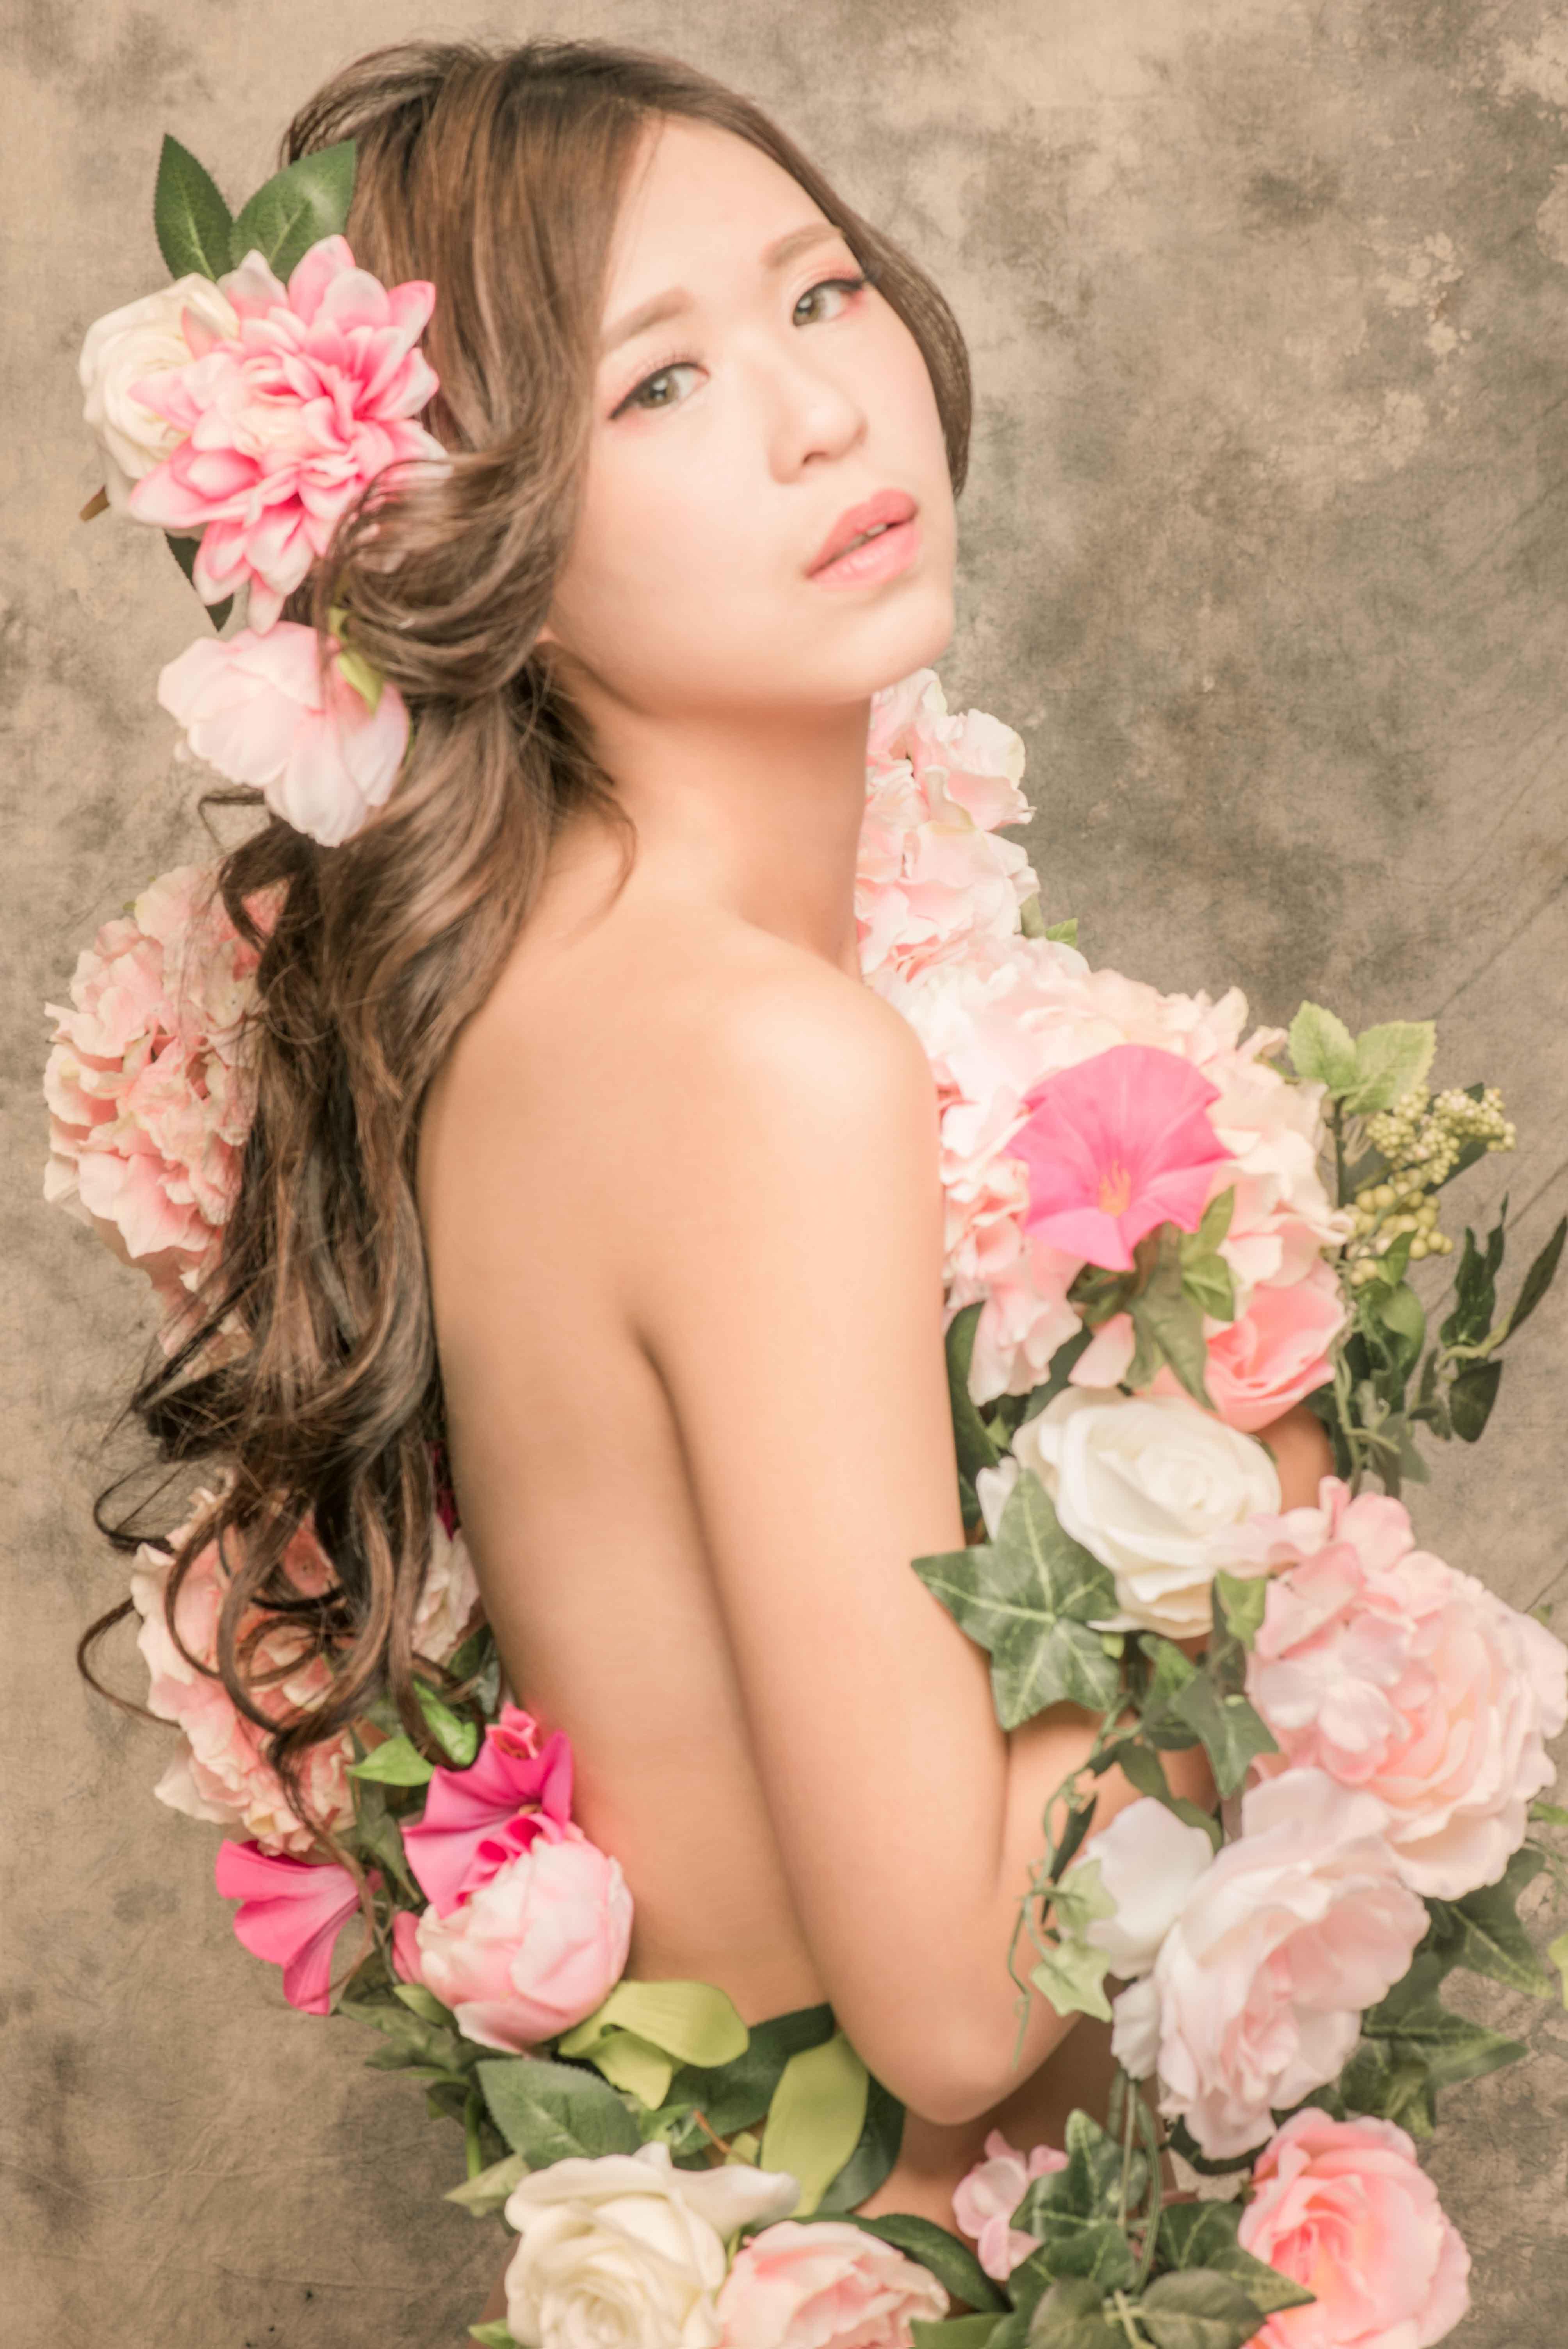 台中韓風孕婦寫真, 台中孕婦寫真花牆, 台中孕婦韓系花牆, 台中孕婦攝影